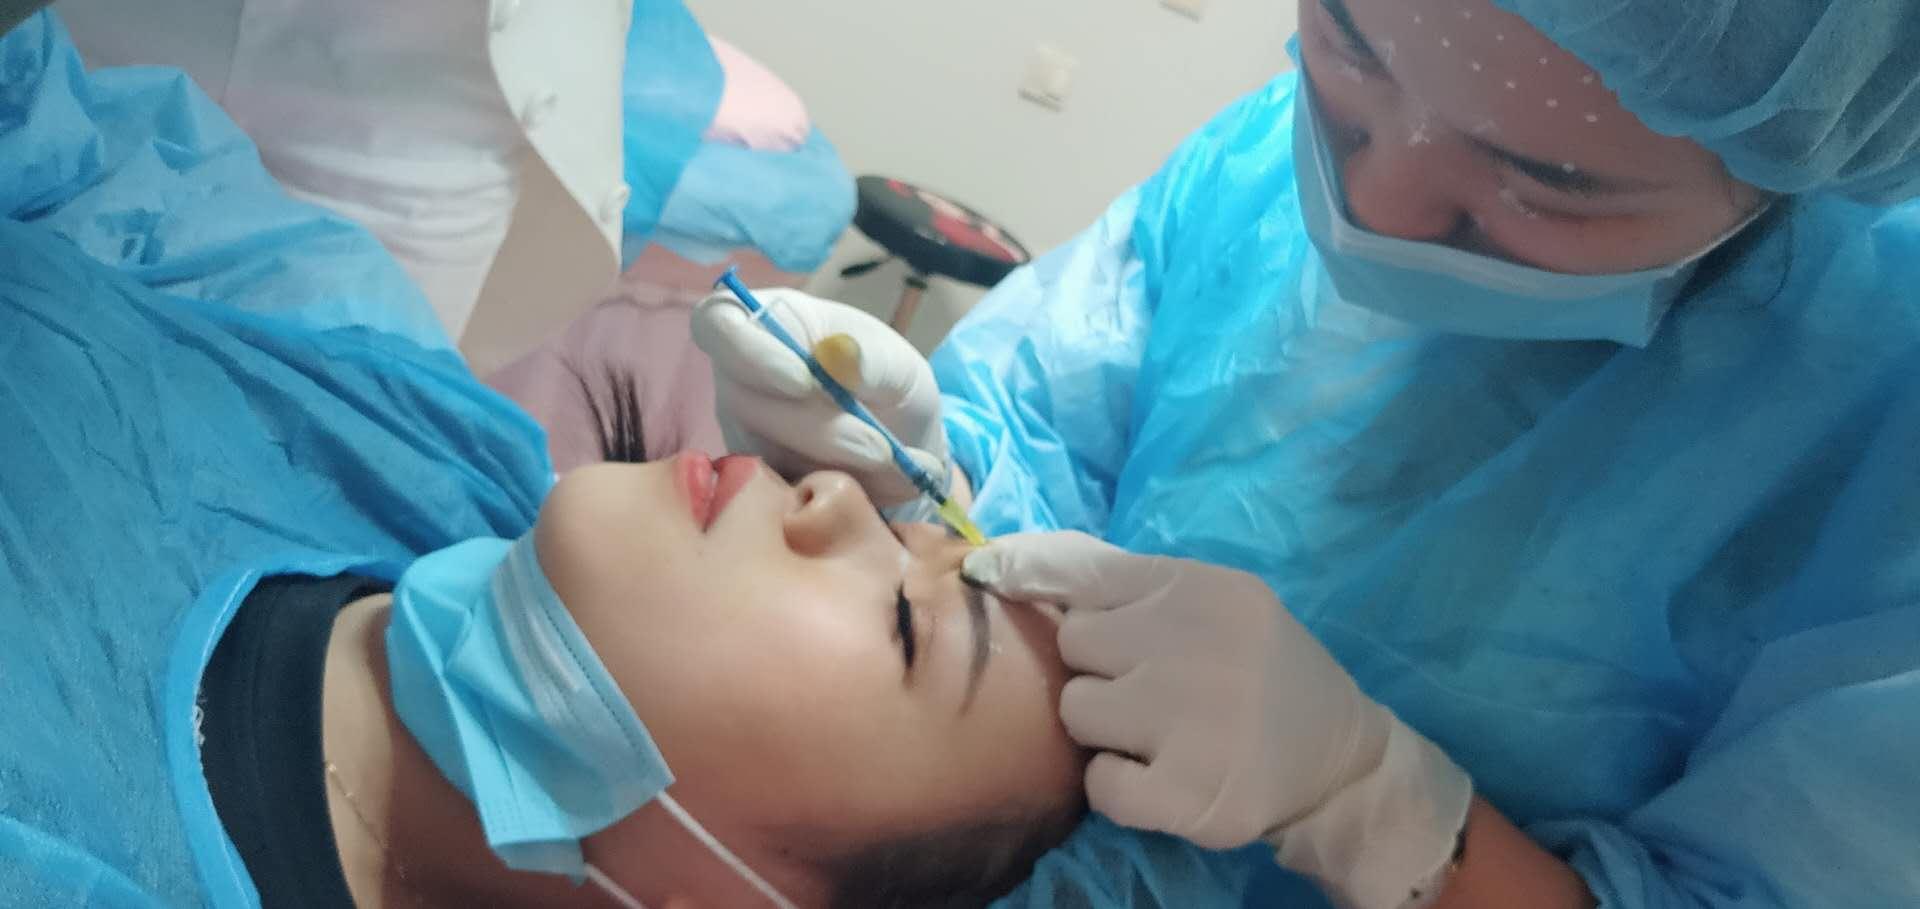 乌鲁木齐医疗美容培训机构